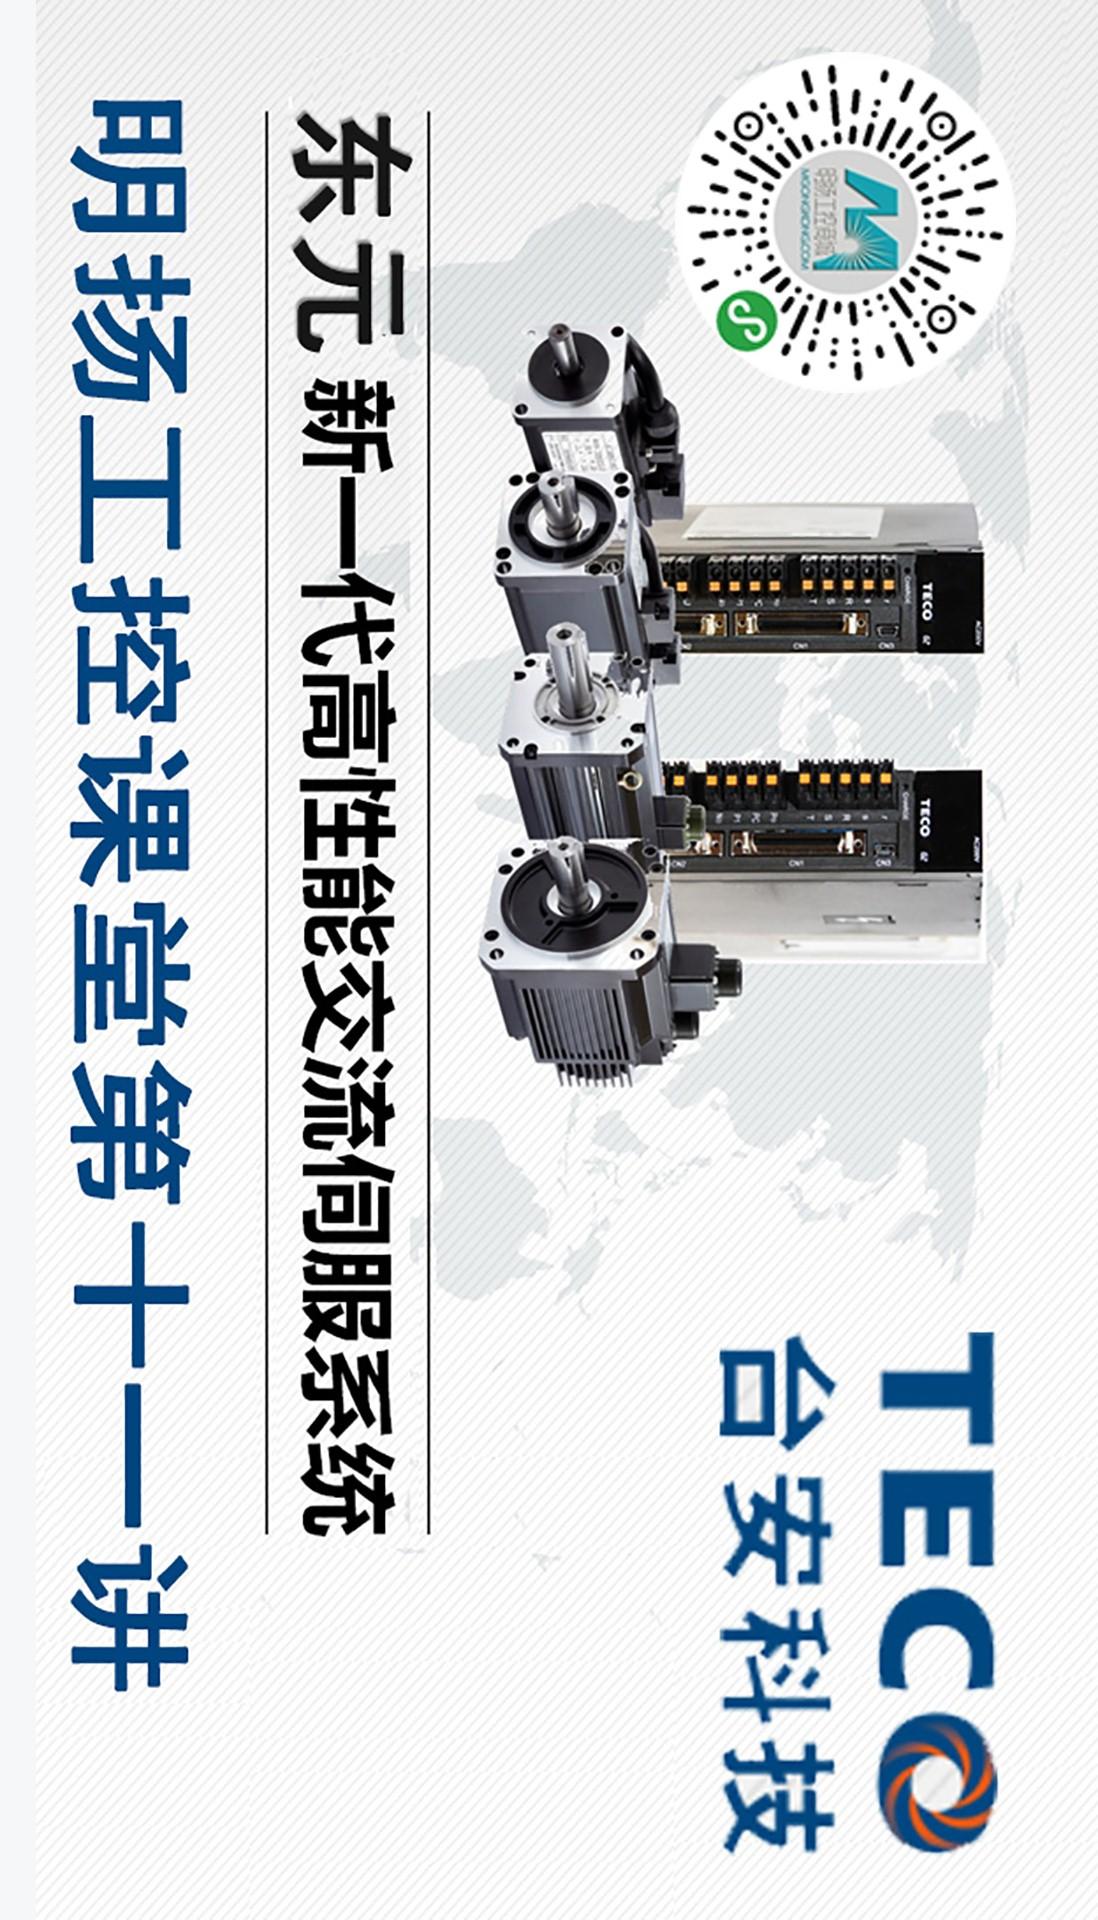 东元伺服技术讲座